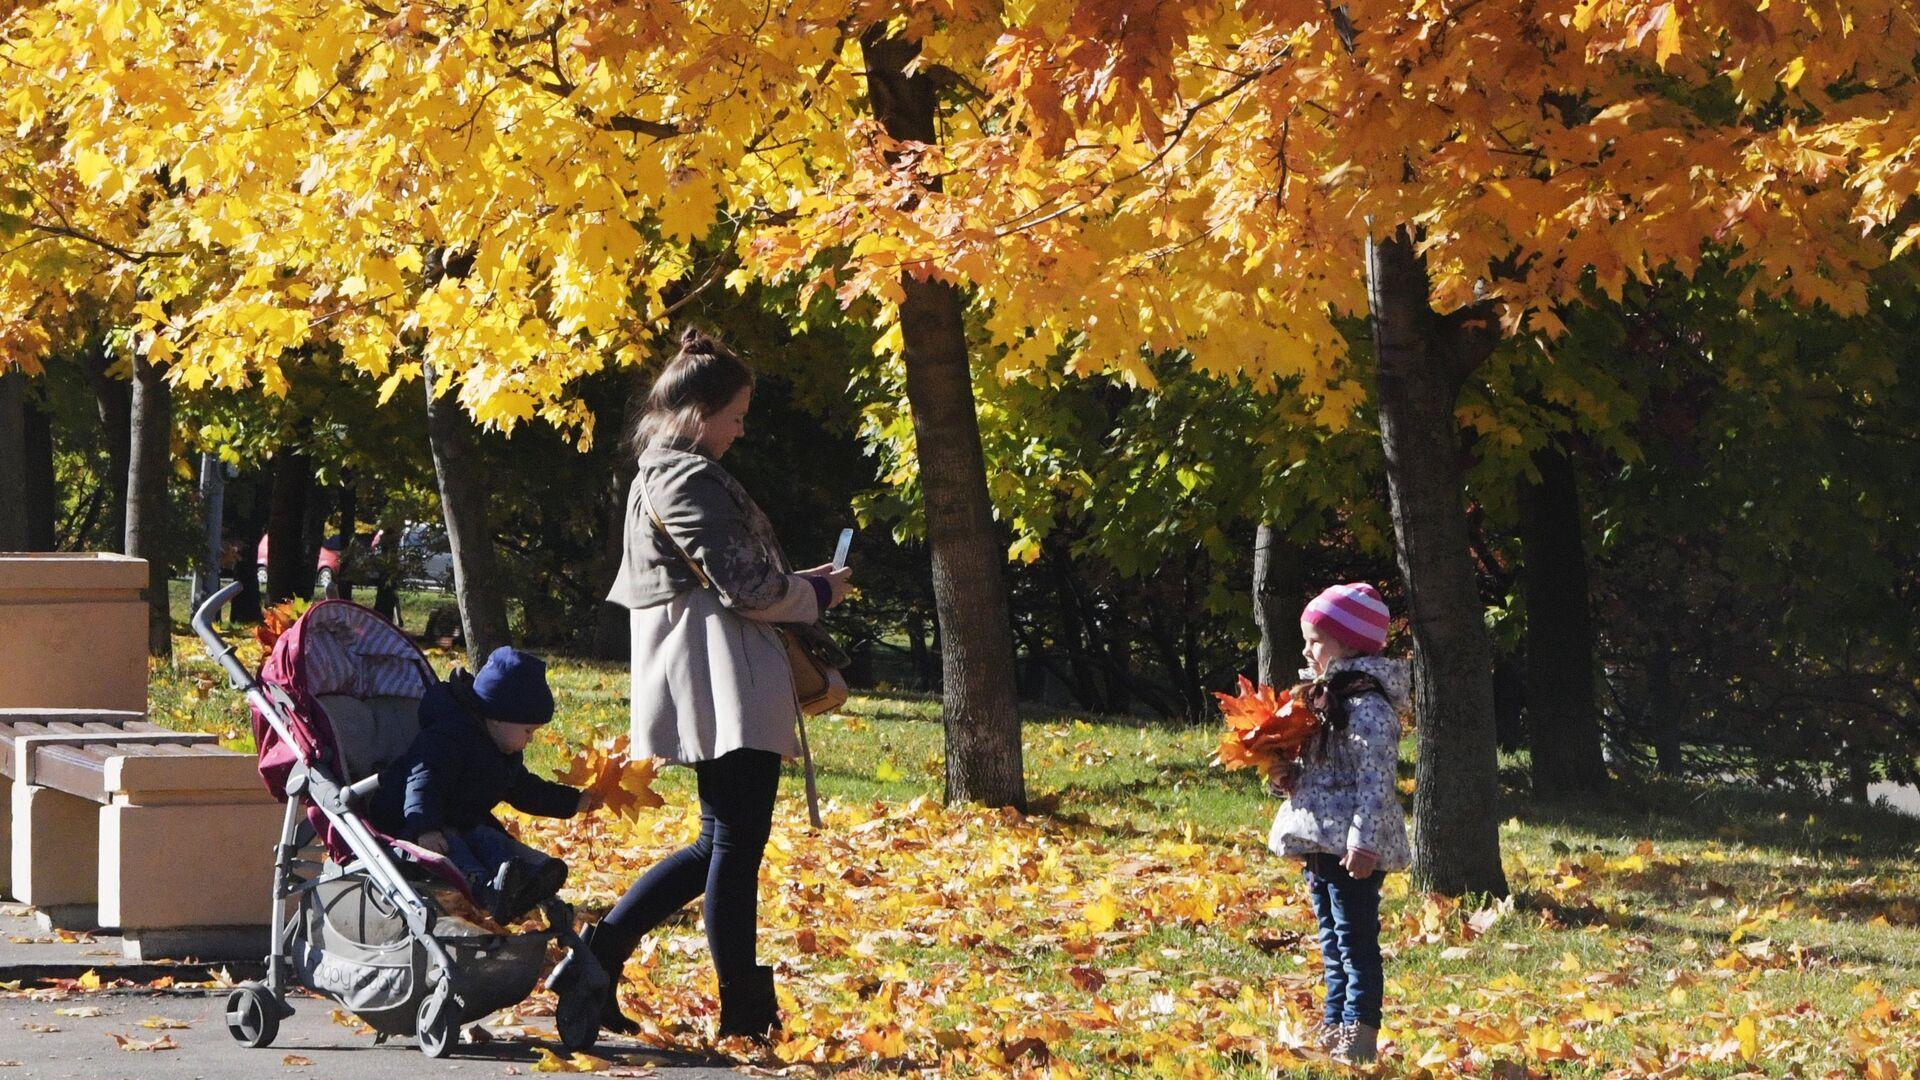 Женщина гуляет с детьми в районе Ленинского проспекта в Москве - РИА Новости, 1920, 30.09.2021